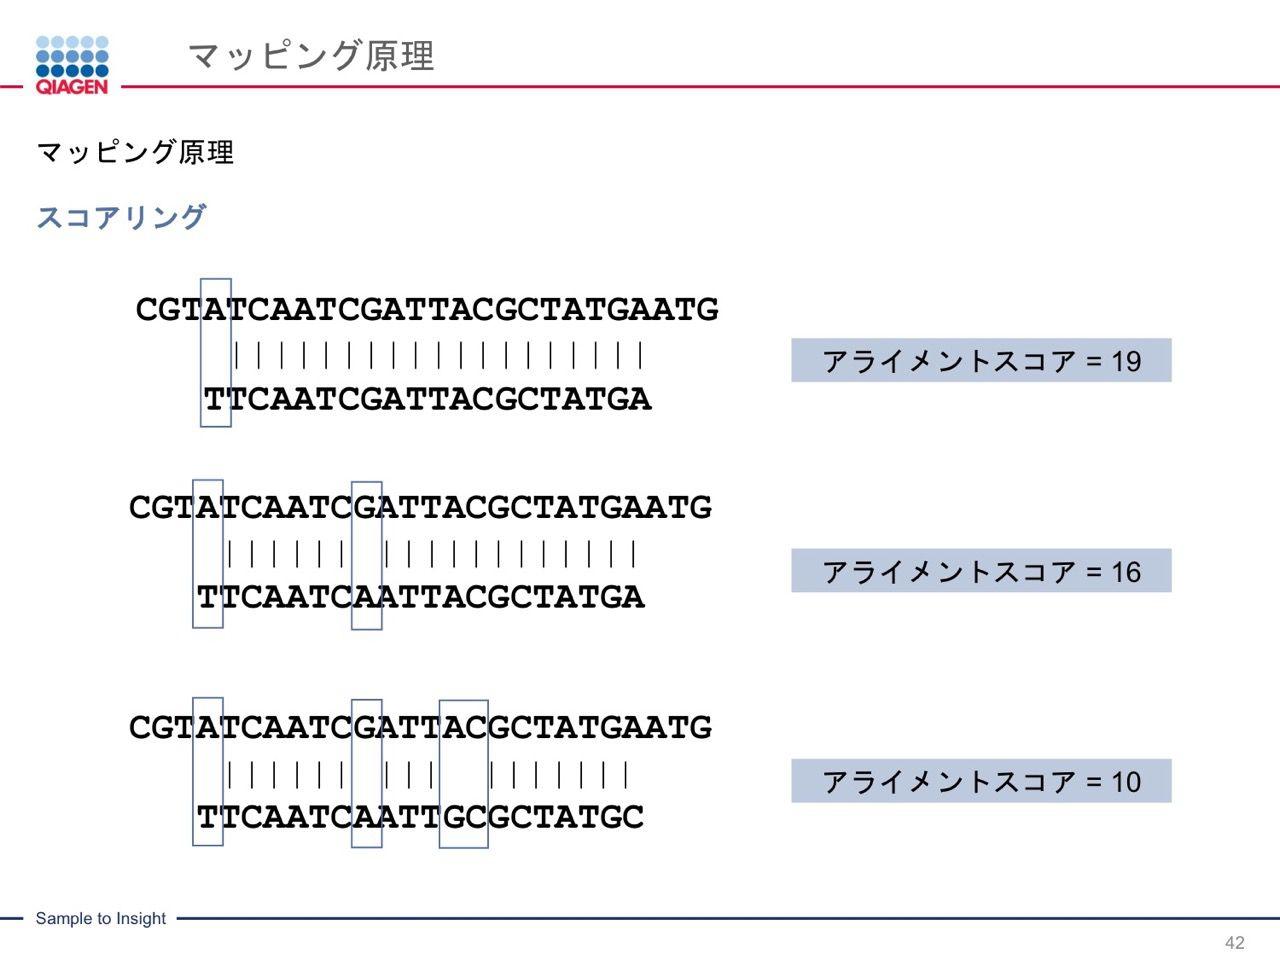 images/AJACSa2_miyamoto_042.jpg